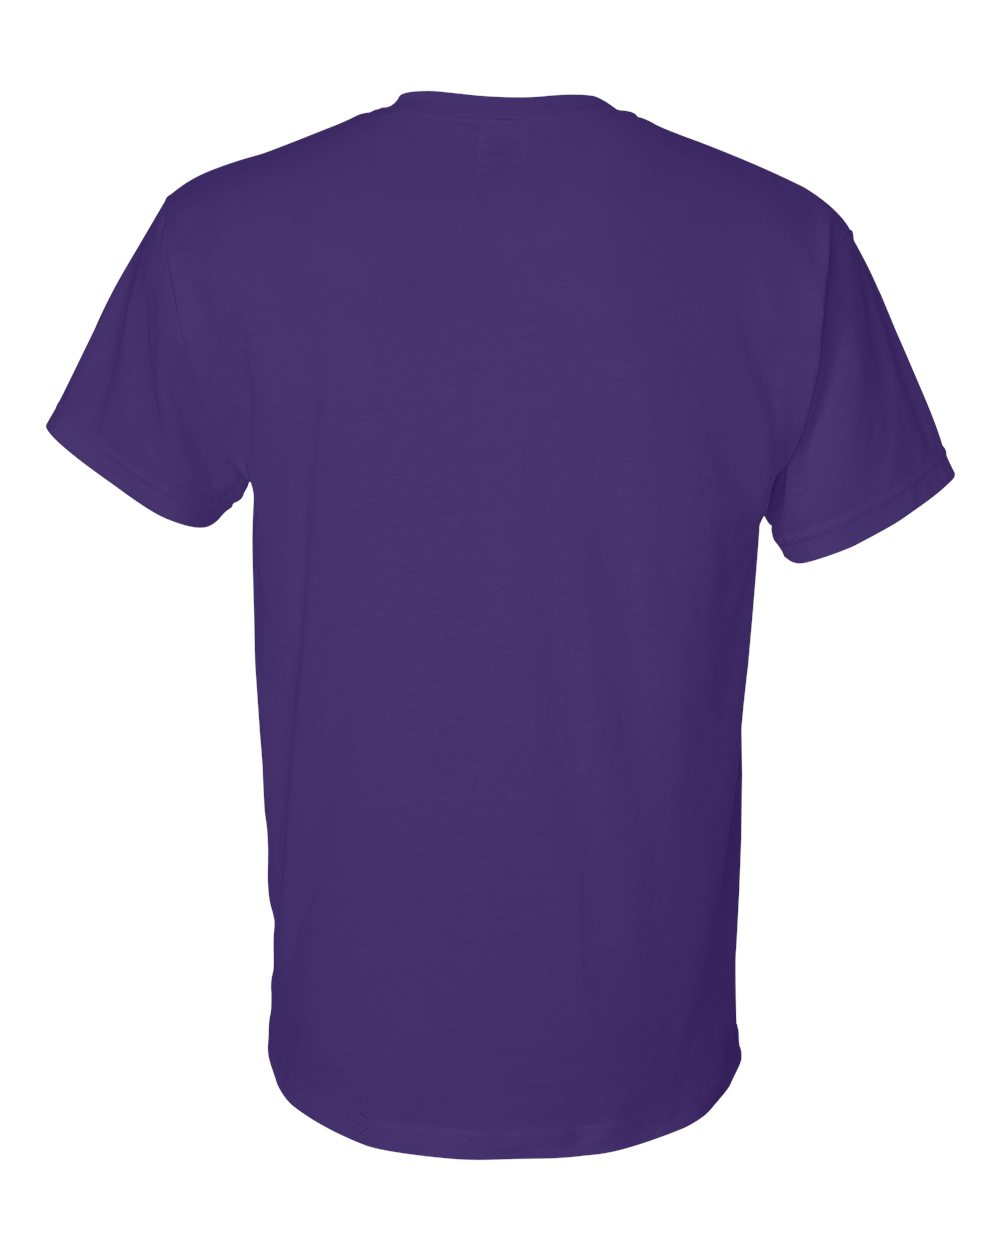 Gildan-Mens-DryBlend-5-6-oz-50-50-T-Shirt-G800-Size-S-5XL thumbnail 69